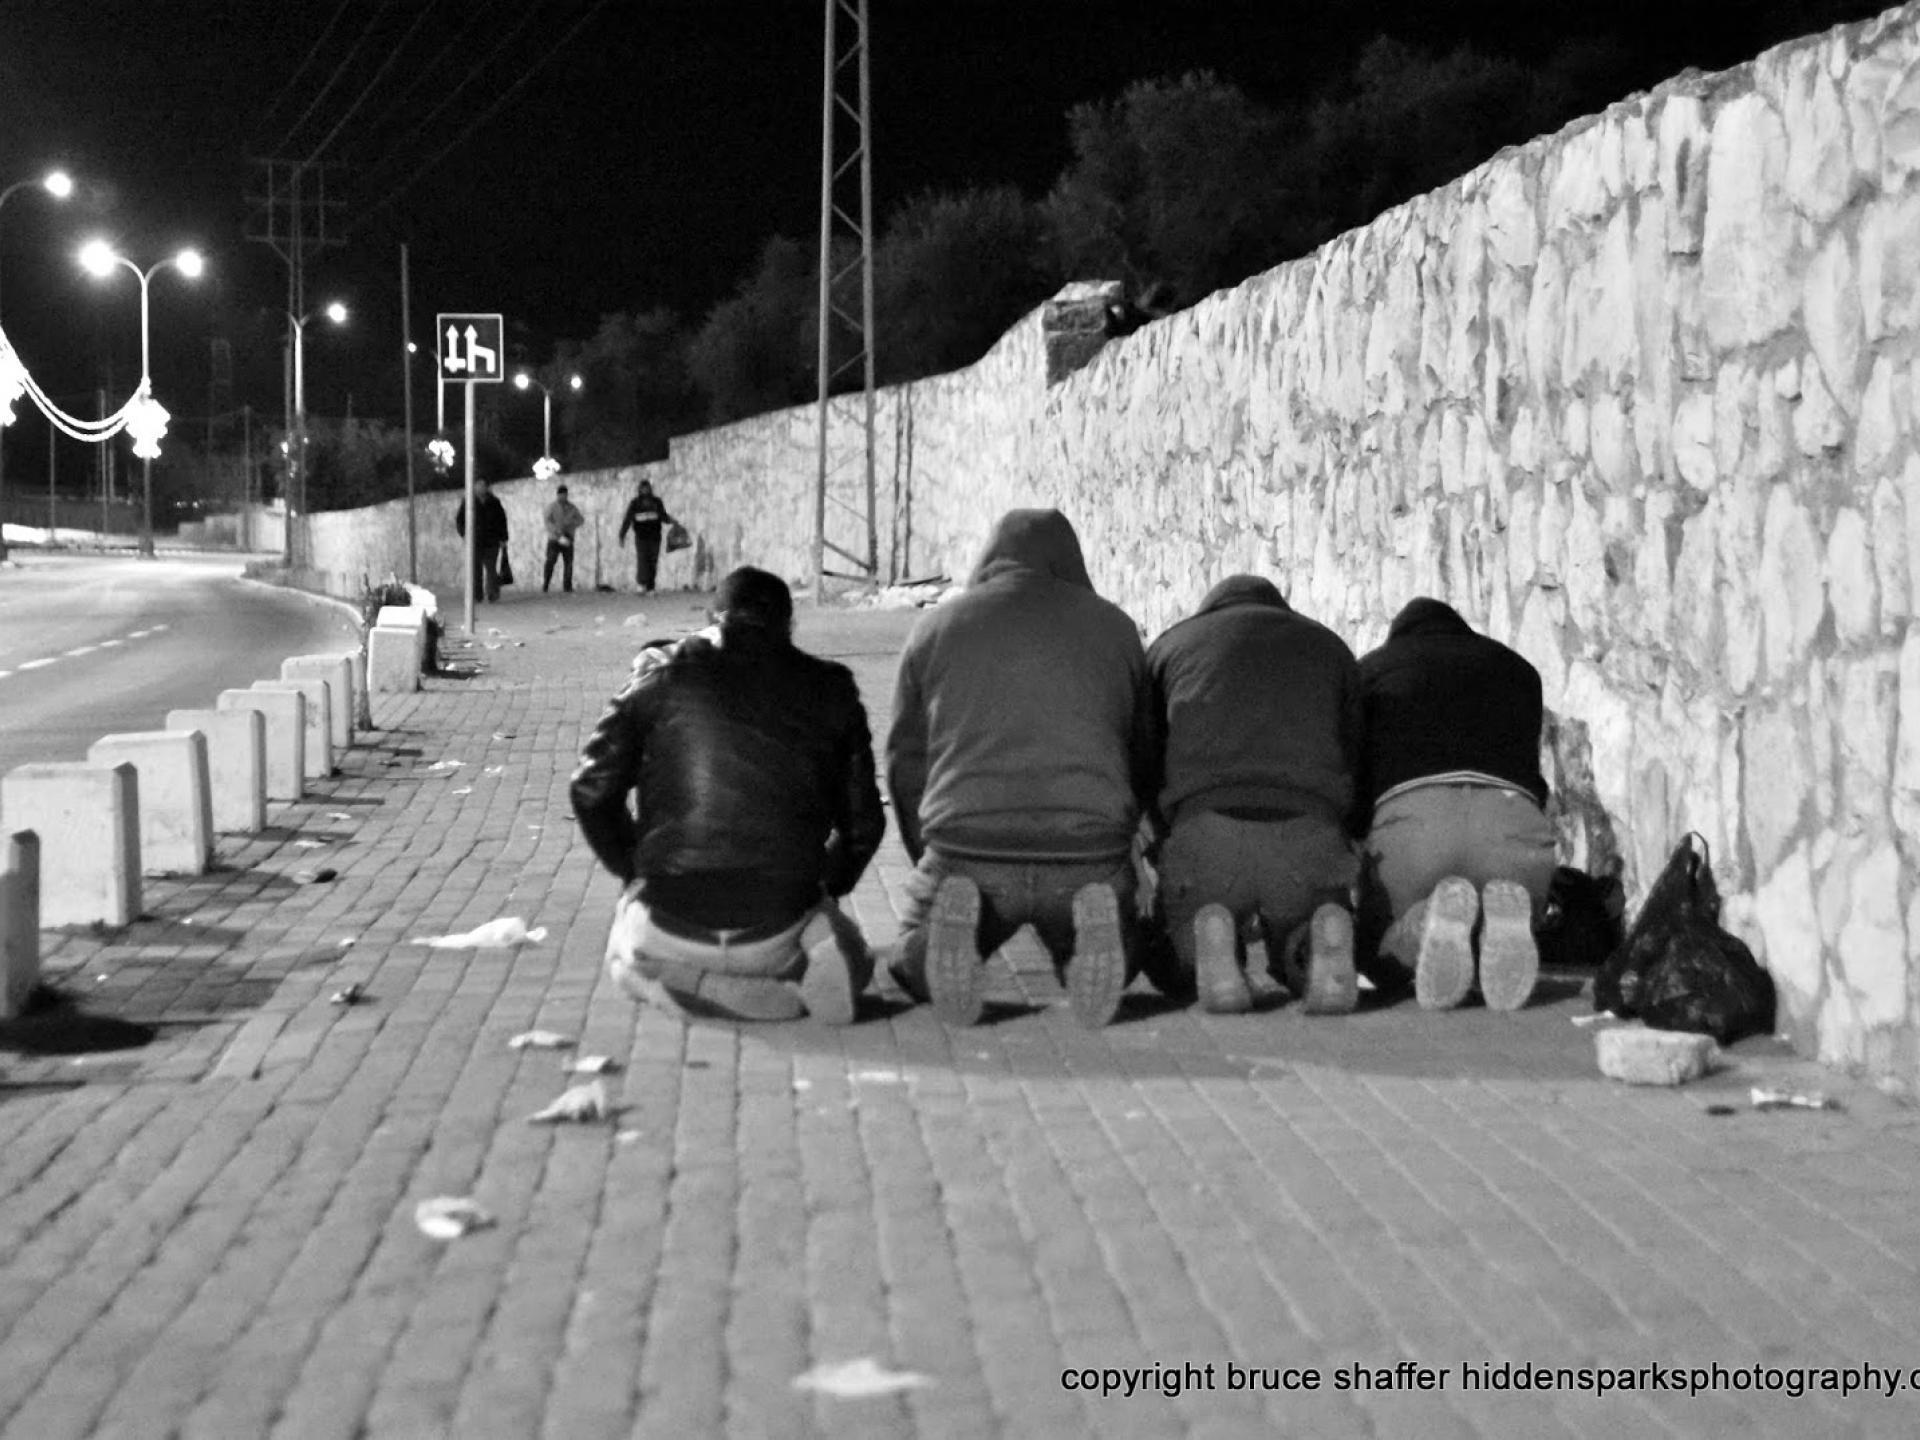 אחרי המעבר במחסום בית לחם